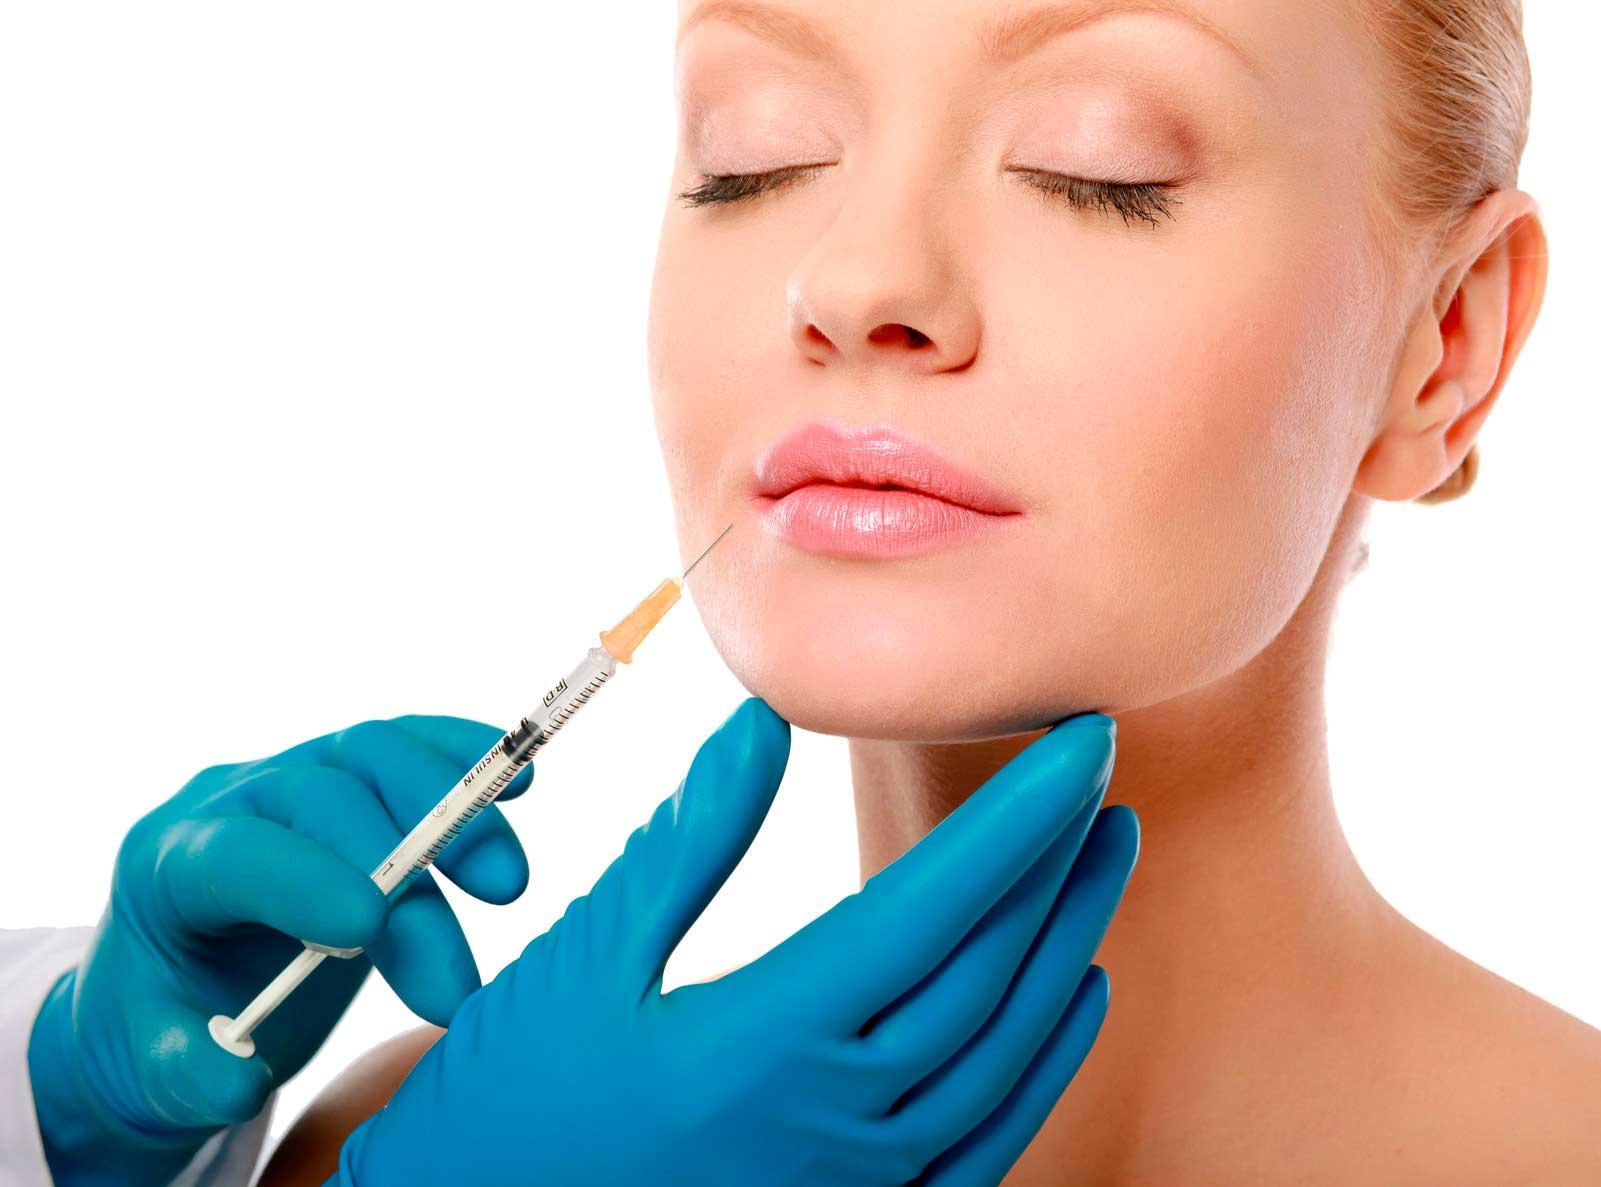 Implantes de relleno facial